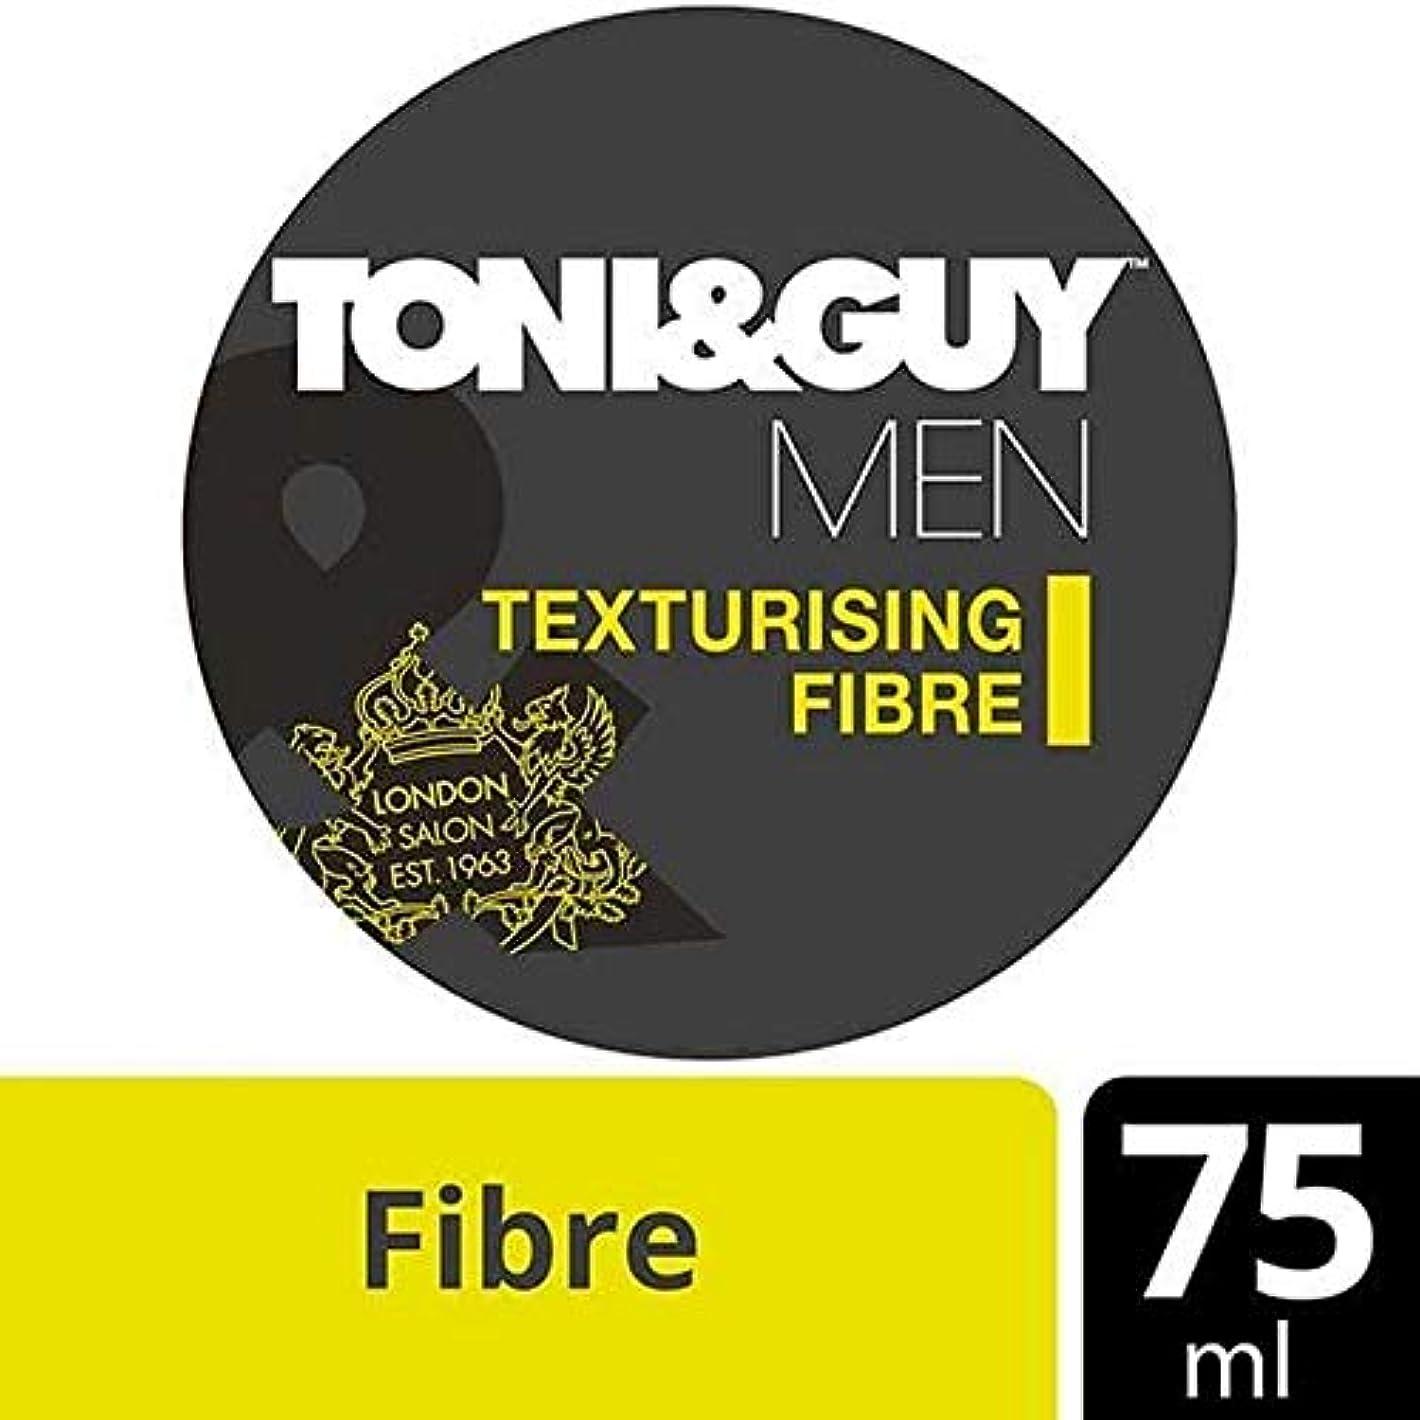 リットルチャレンジ分離する[Toni & Guy] トニ&男テクスチャー繊維 - Toni & Guy Texturising Fibre [並行輸入品]